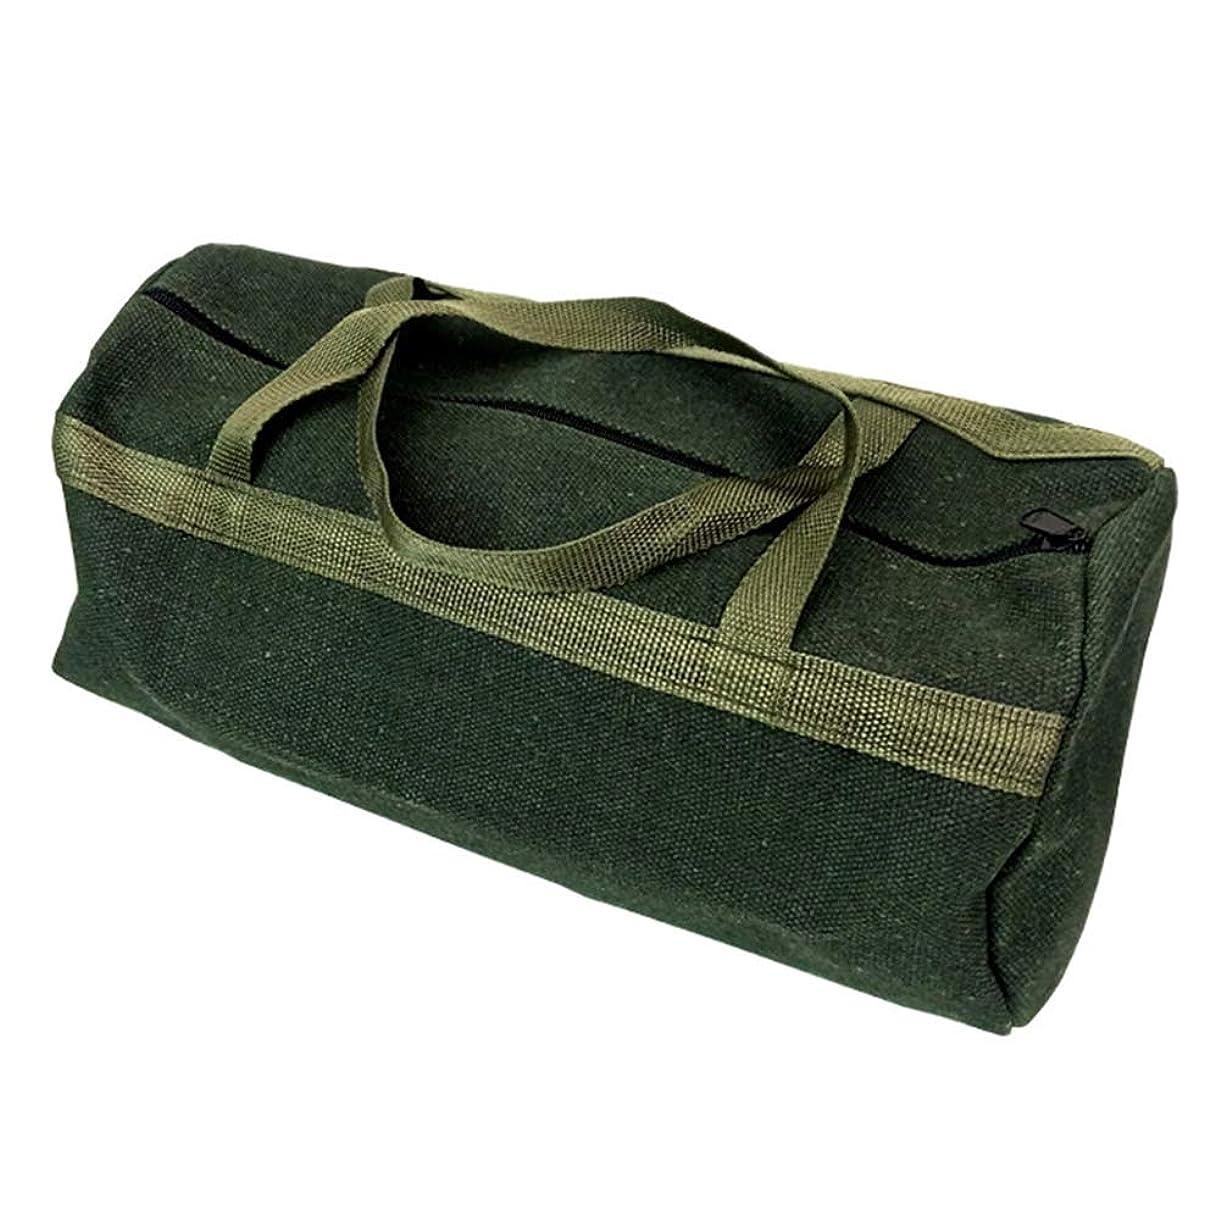 長椅子鋸歯状バルブツール収納袋実用的なプロポーチドライバートートバッグ厚いホルダーキャンバス楽器ケース収納耐久性のあるドリルポータブル(3)